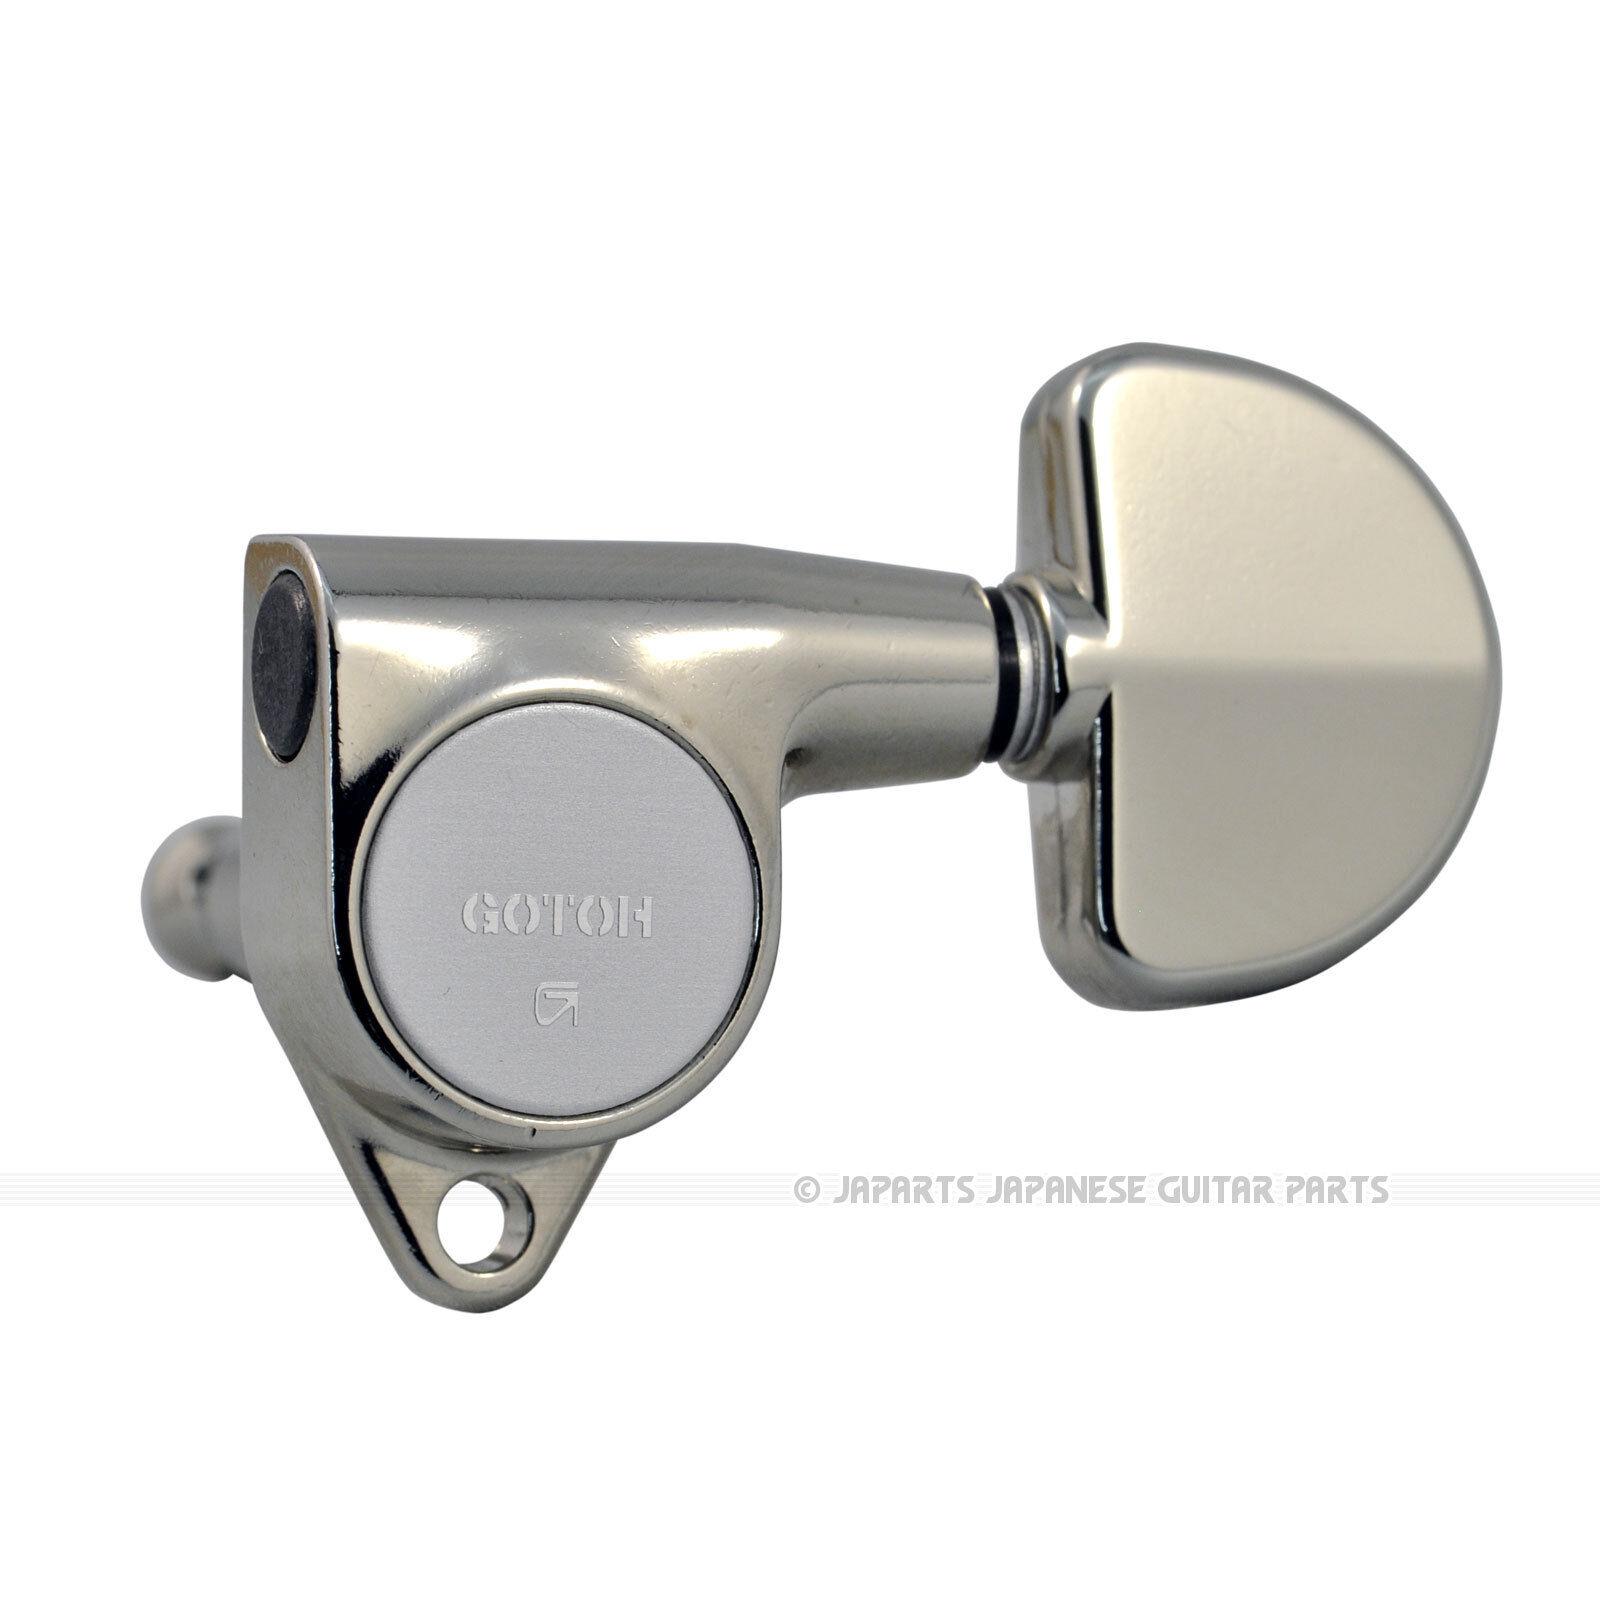 Gotoh sg301-20-ni L3 + R3 18 1 1 1 níquel sintonizadores Clásico Con Botones  marcas en línea venta barata